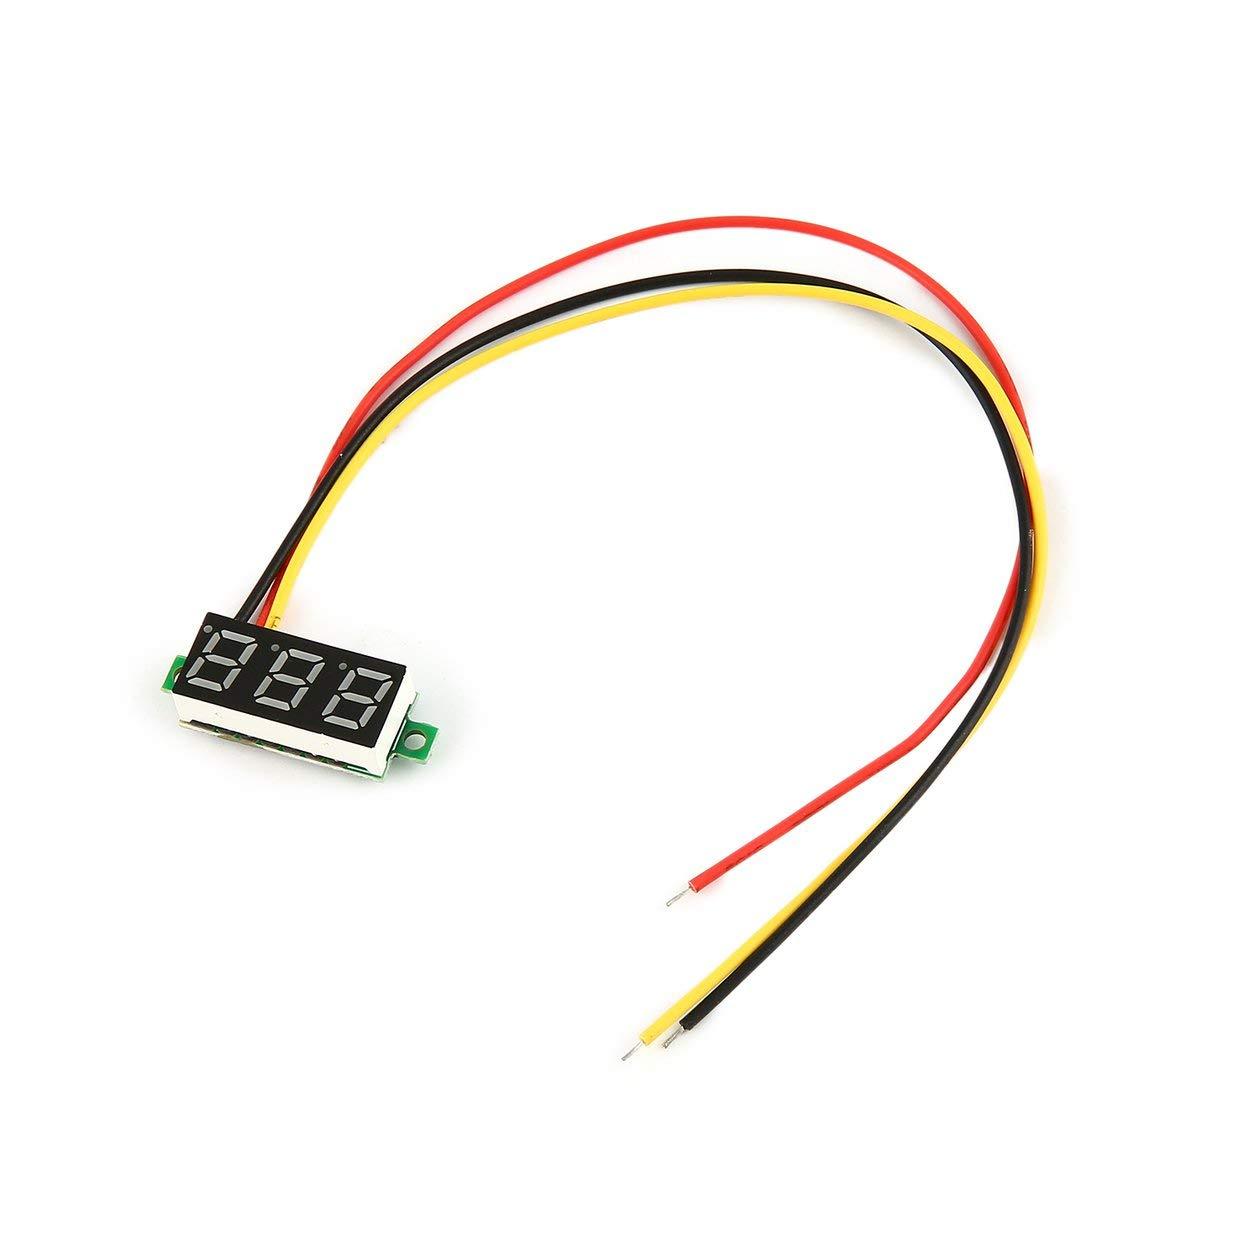 couleur: noir 0-100V 0.28in 3 fils LED panneau daffichage num/érique voltm/ètre testeur de tension /électrique voltm/ètre pour batterie Auto CarGreen